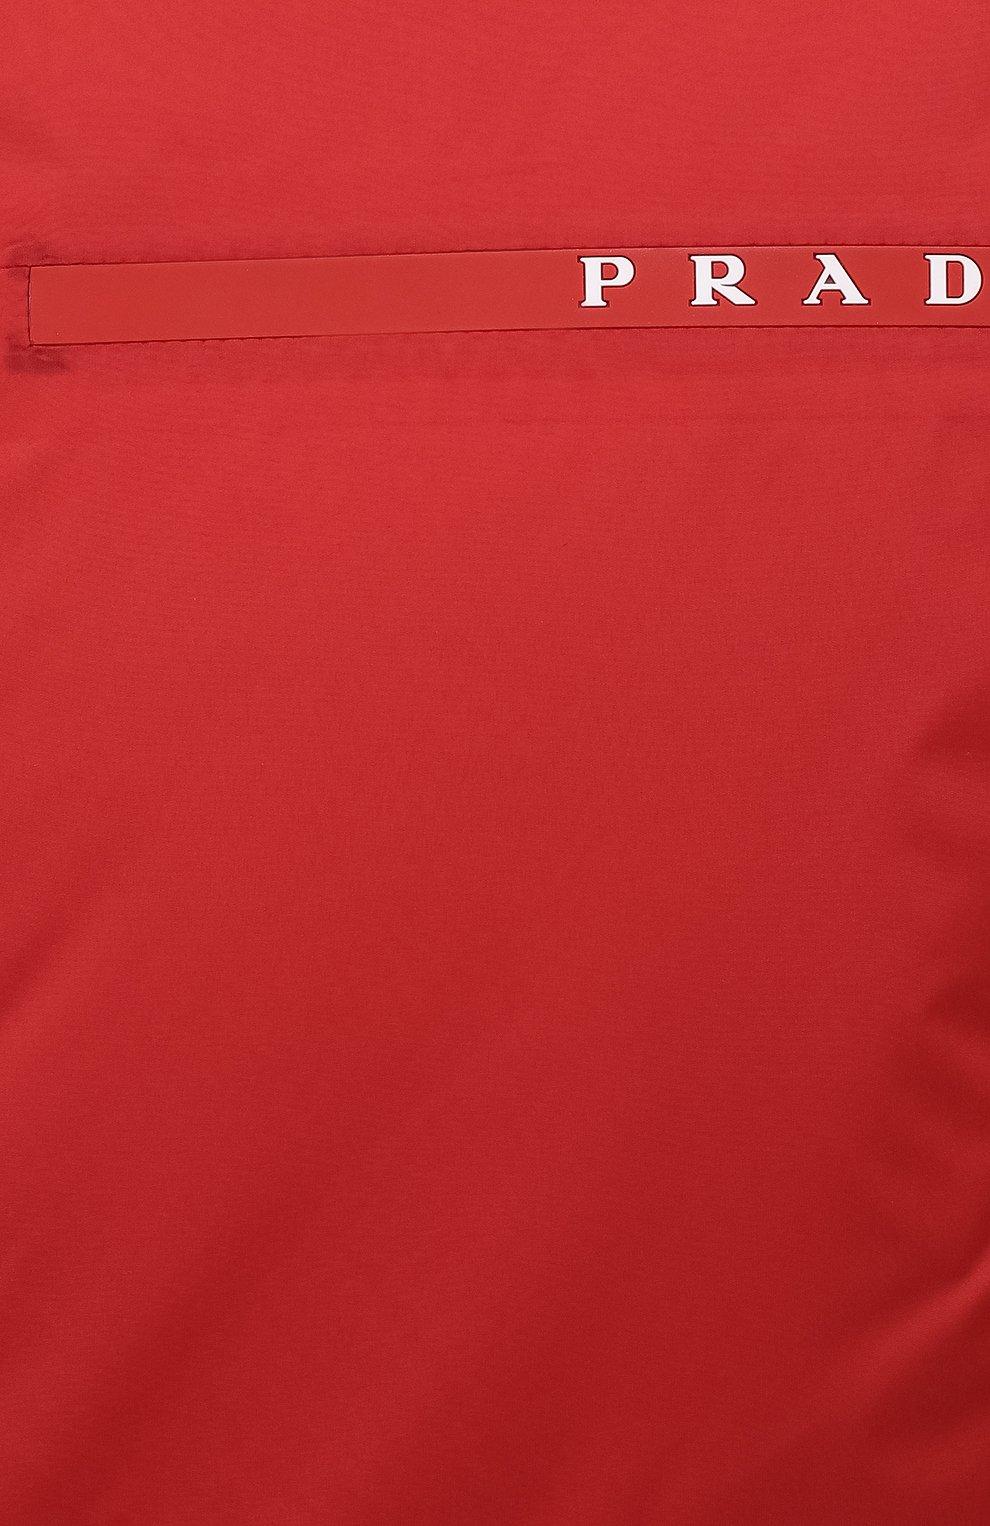 Мужская утепленная куртка PRADA красного цвета, арт. SGB296-1XYW-F0011-192   Фото 5 (Кросс-КТ: Куртка; Мужское Кросс-КТ: пуховик-короткий; Рукава: Длинные; Материал внешний: Синтетический материал; Длина (верхняя одежда): Короткие; Стили: Кэжуэл)